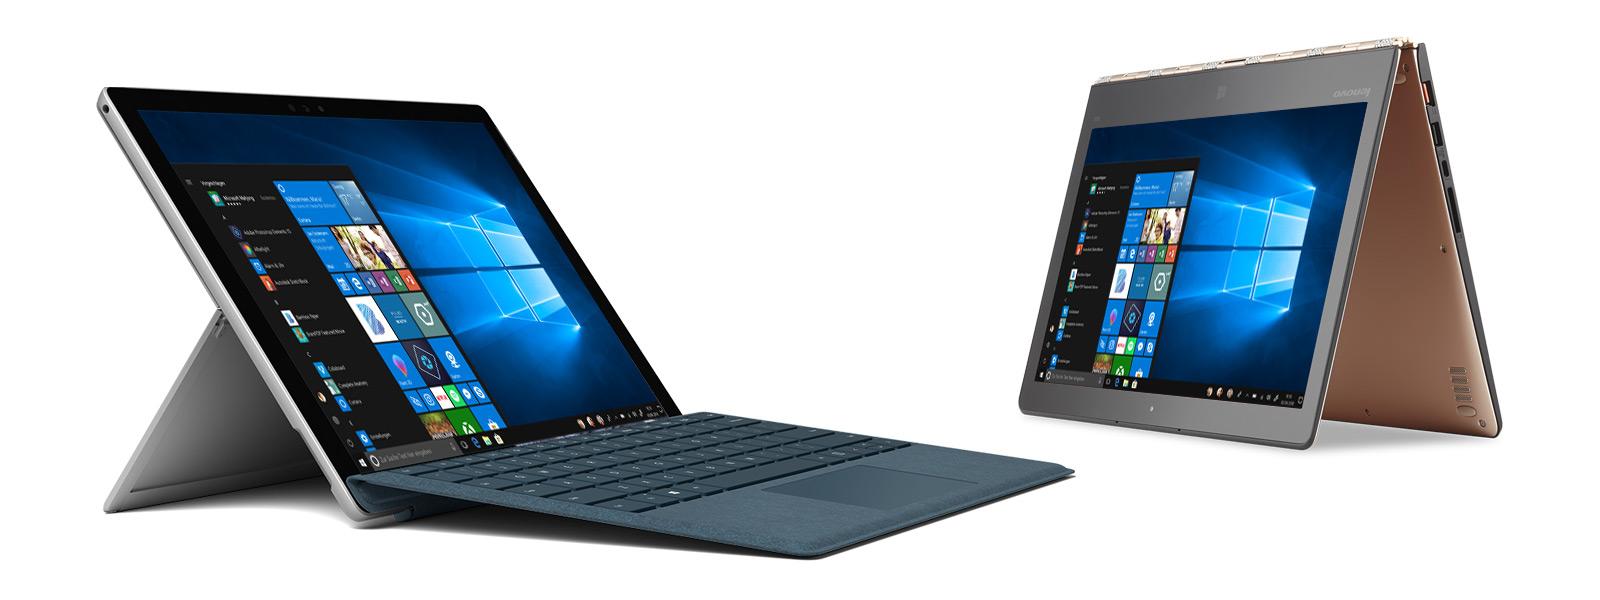 Ein Foto des Microsoft Surface Pro von rechts und ein Foto des HP Spectre x360 im Zelt-Modus von links.